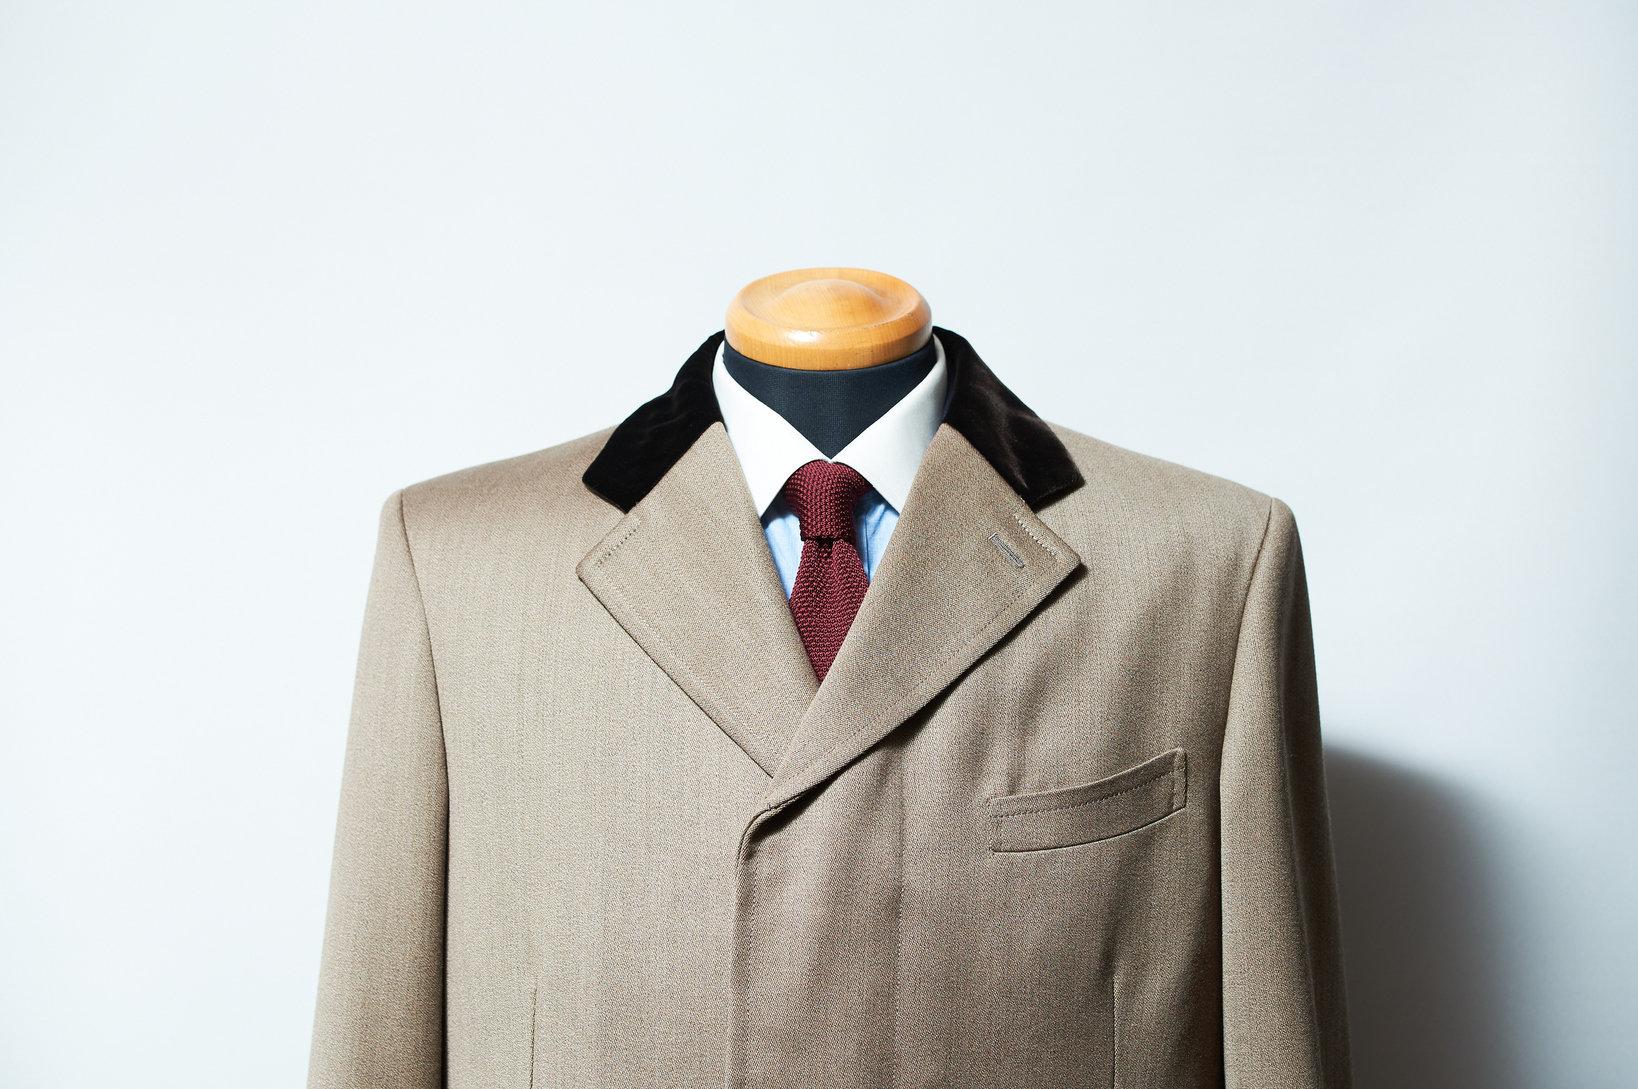 カバートコートの上襟にはベルベットを付けたものも多い。中にはカラフルなものも。